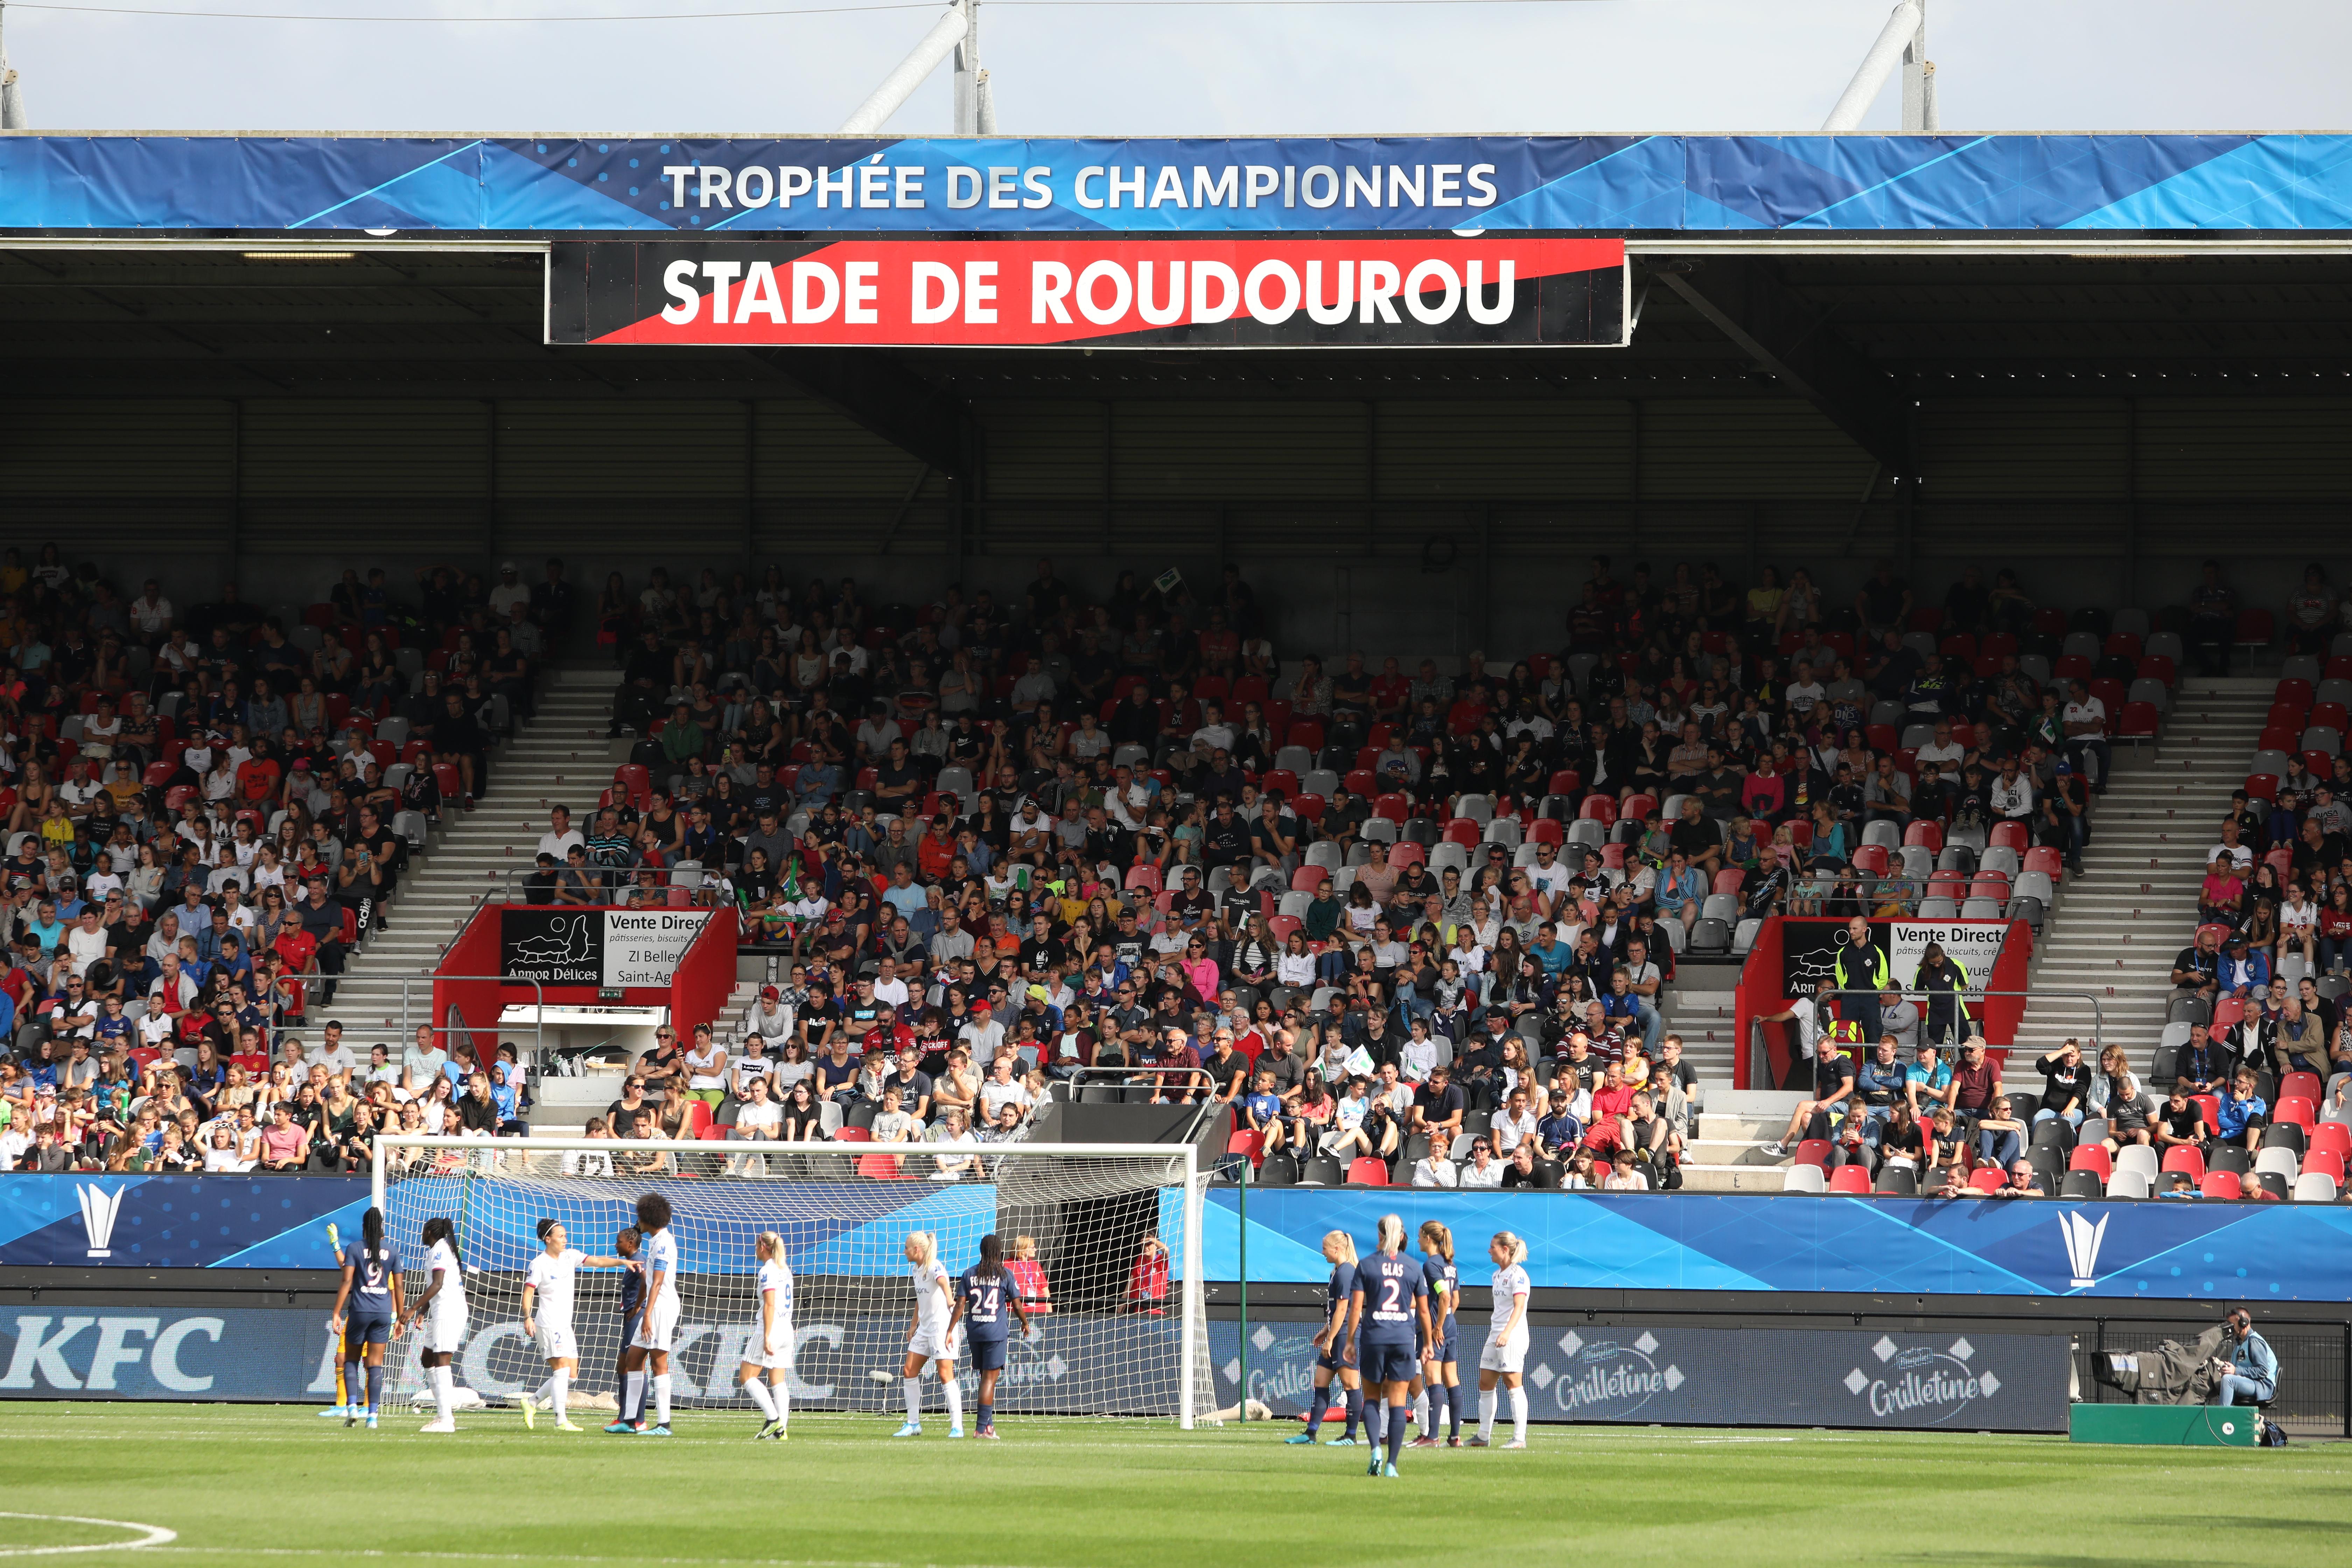 Roudourou